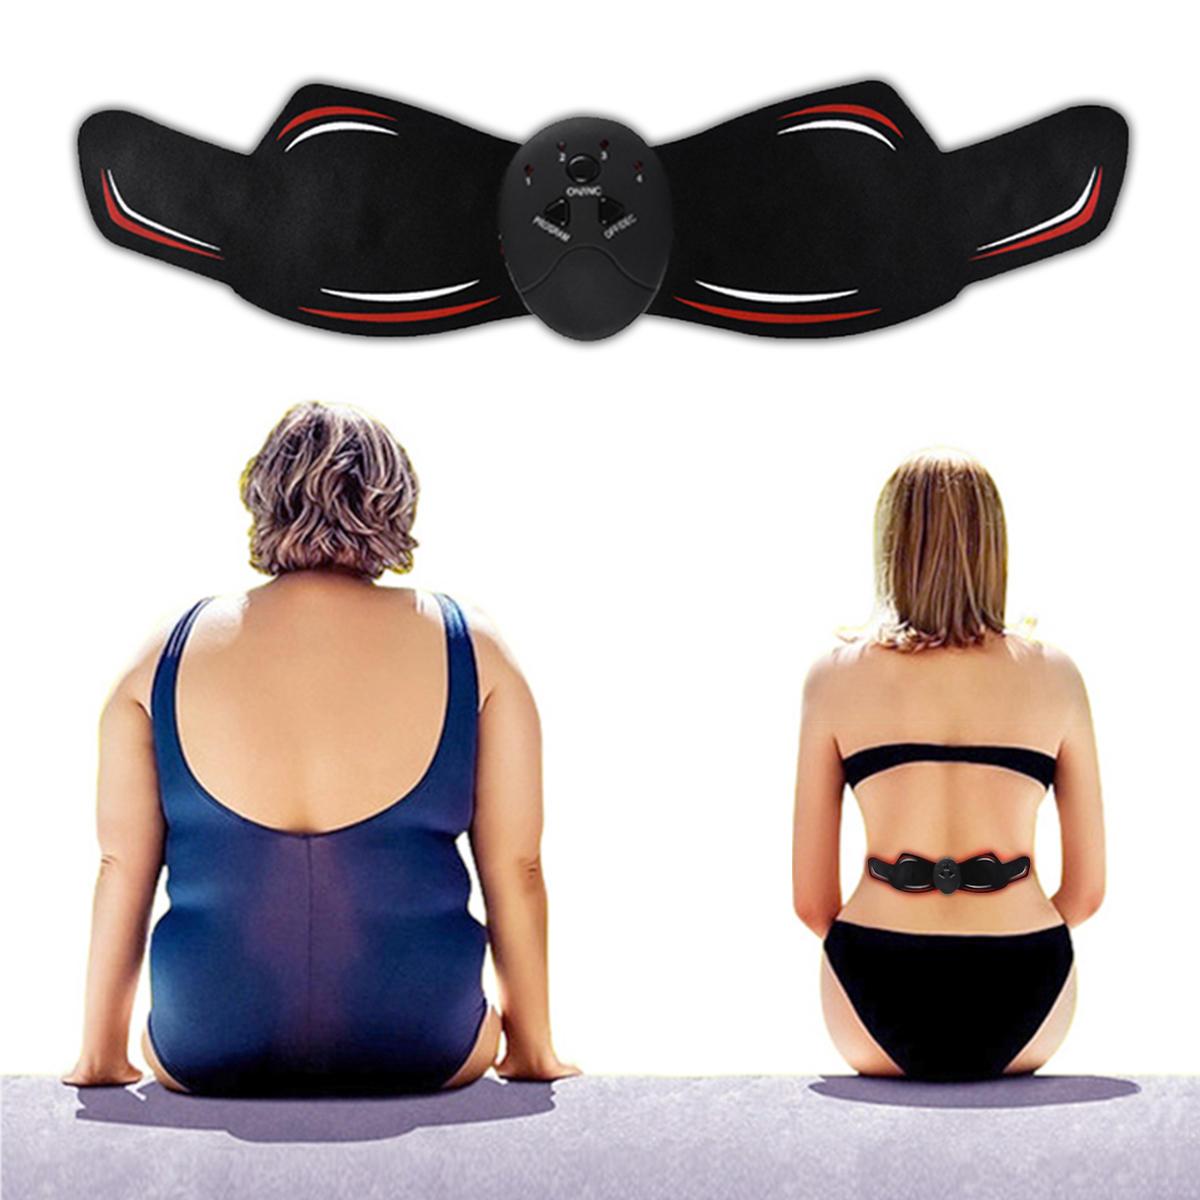 KALOAD EMS Abdominal Cintura Brazo Pierna Entrenador muscular Deporte Aptitud Estimulador de ejercicio corporal